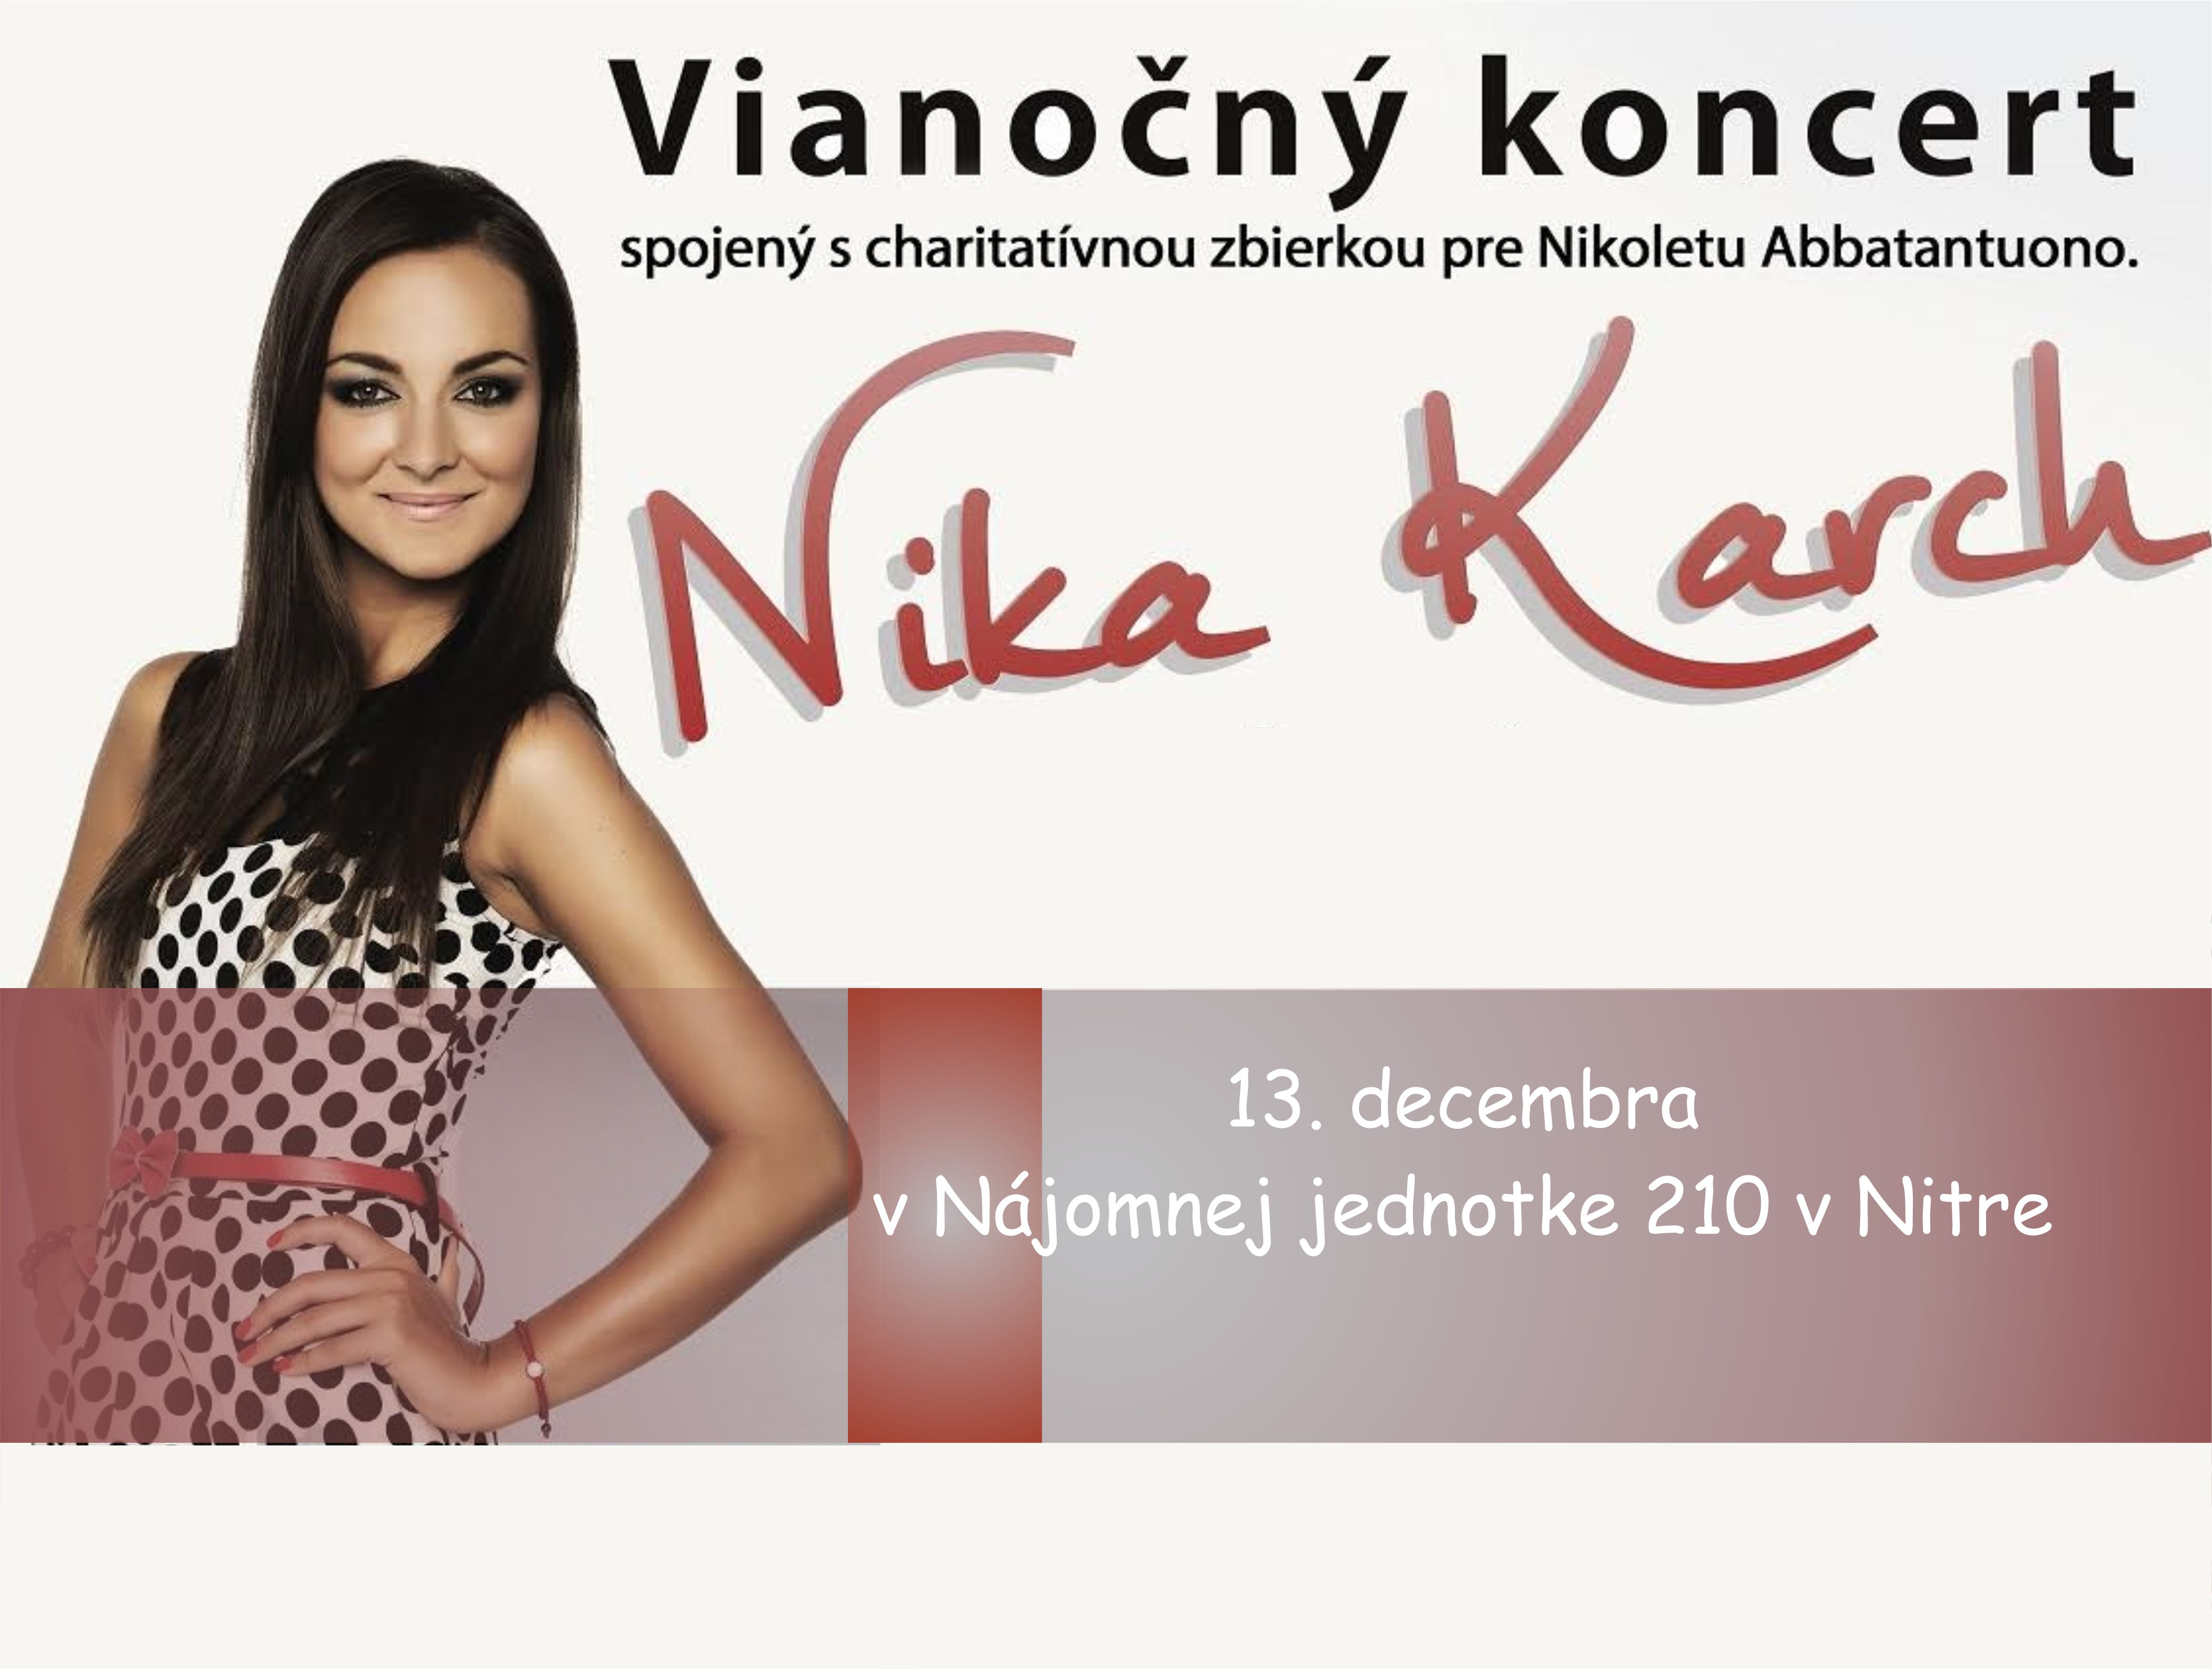 1d75a83a1e15 Vianočný koncert Nika Karch a hostia  Mário - Kam v meste